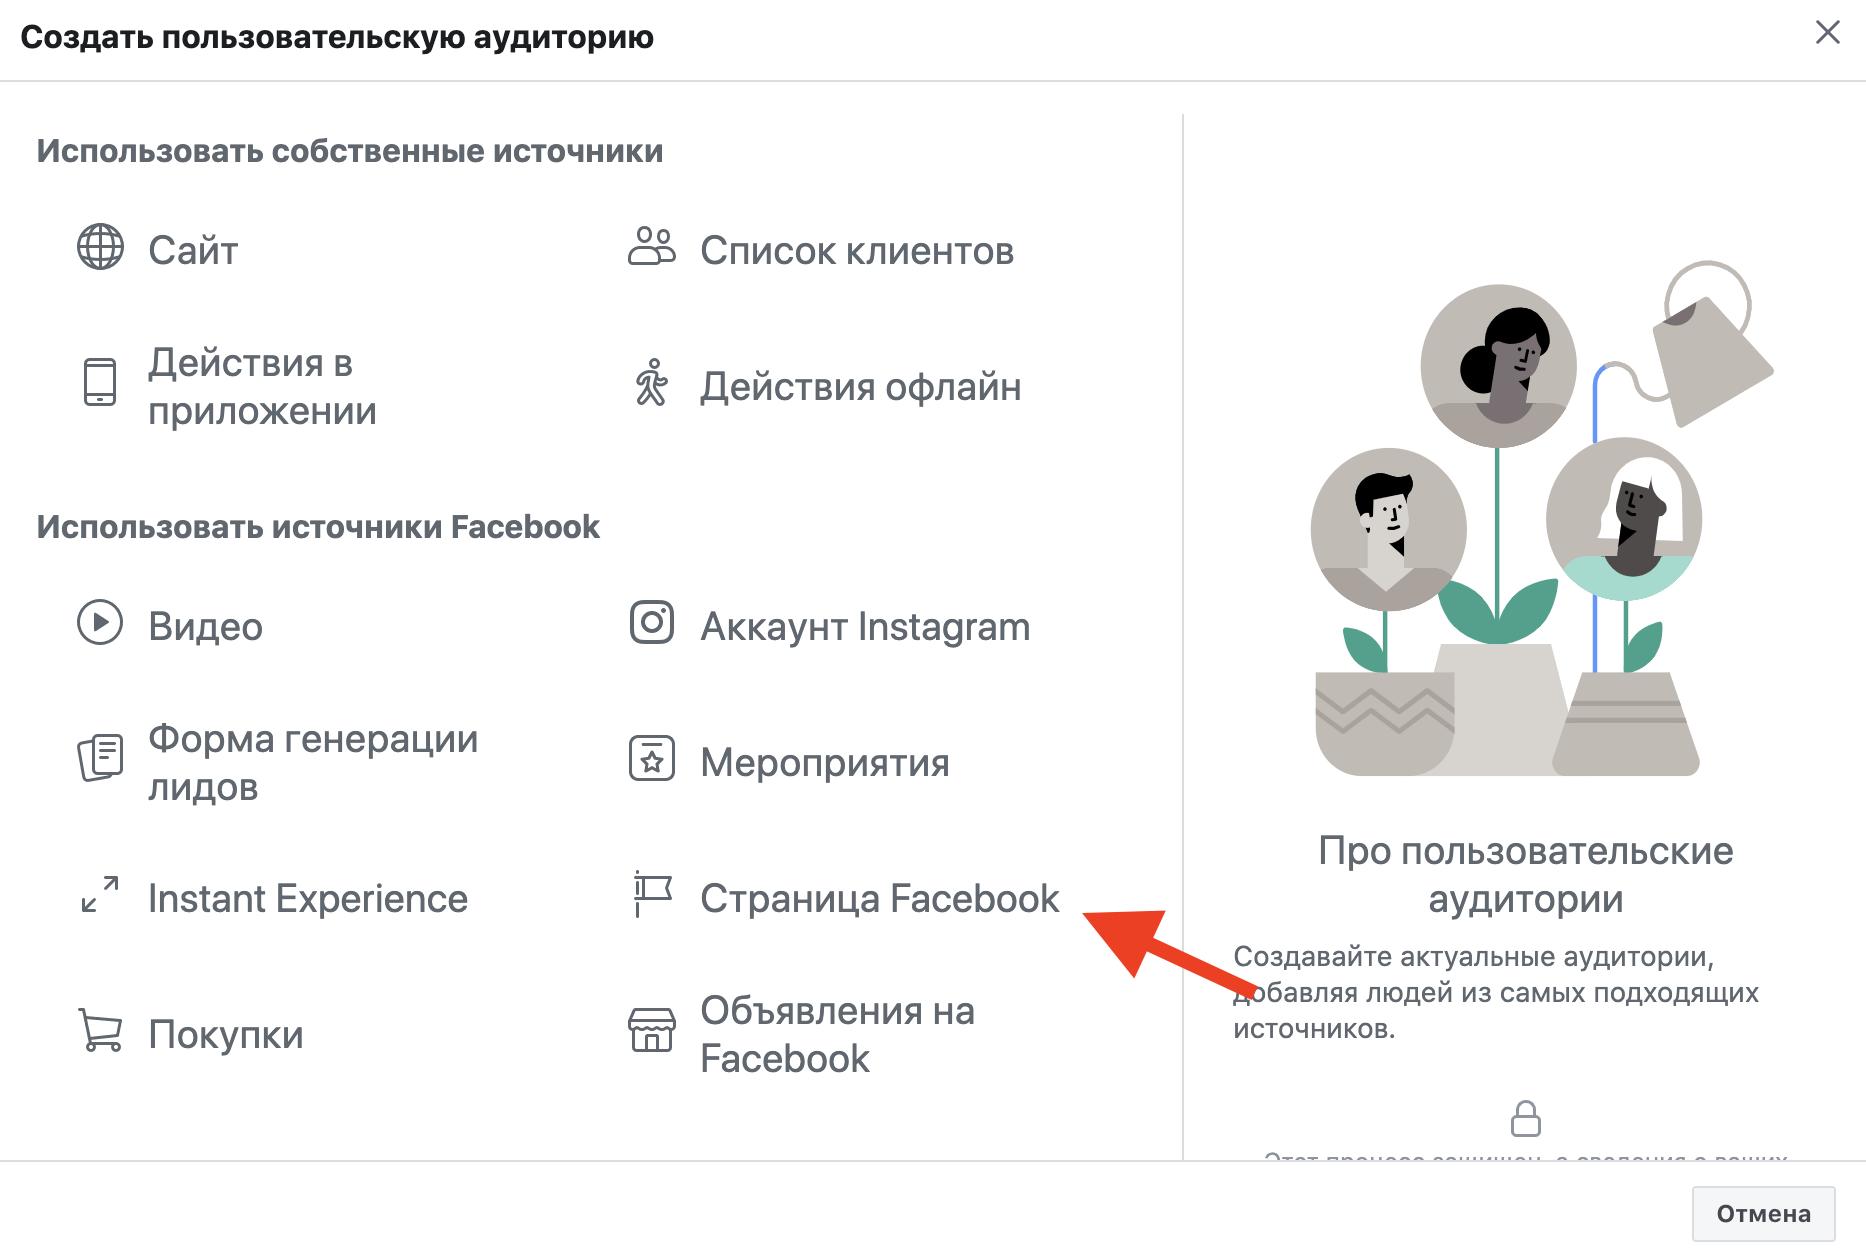 Создание индивидуализированной аудитории на основе вовлеченности Facebook